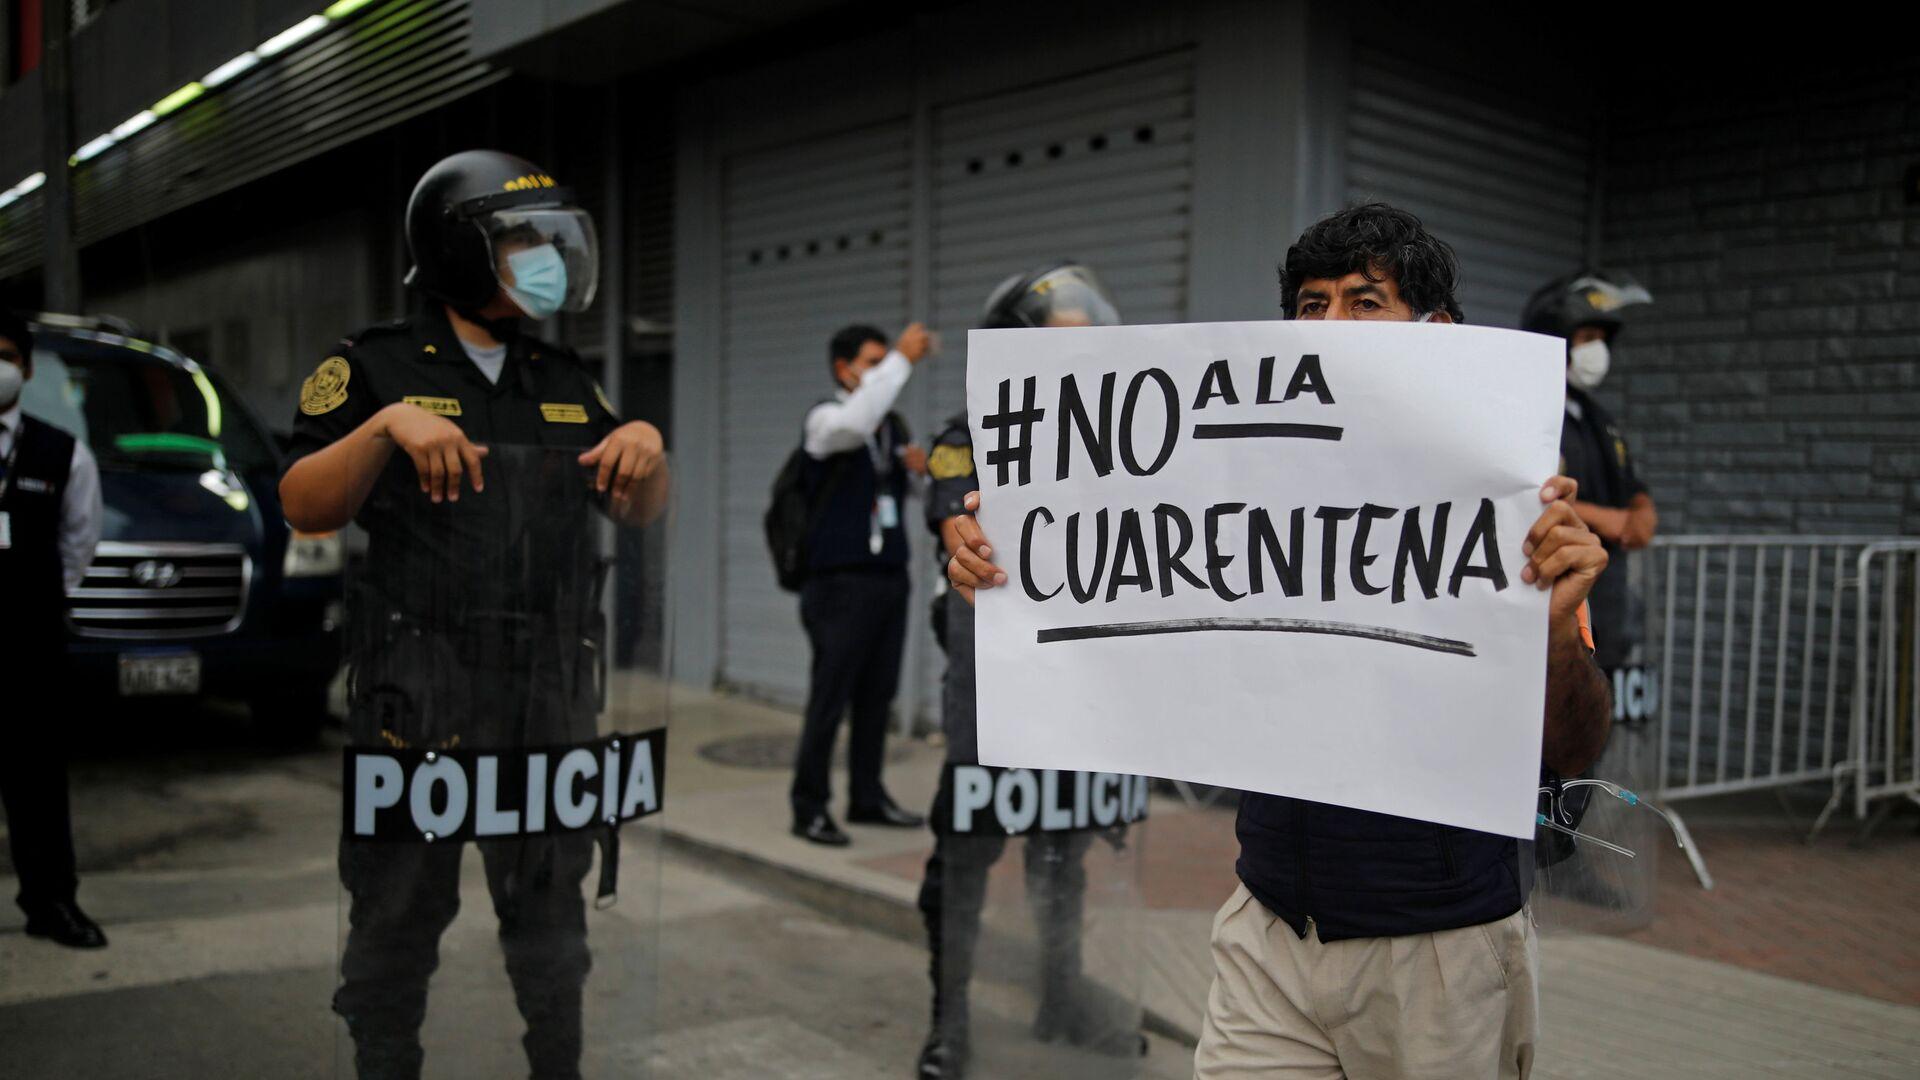 Protestas contra la cuarentena en Perú - Sputnik Mundo, 1920, 01.02.2021